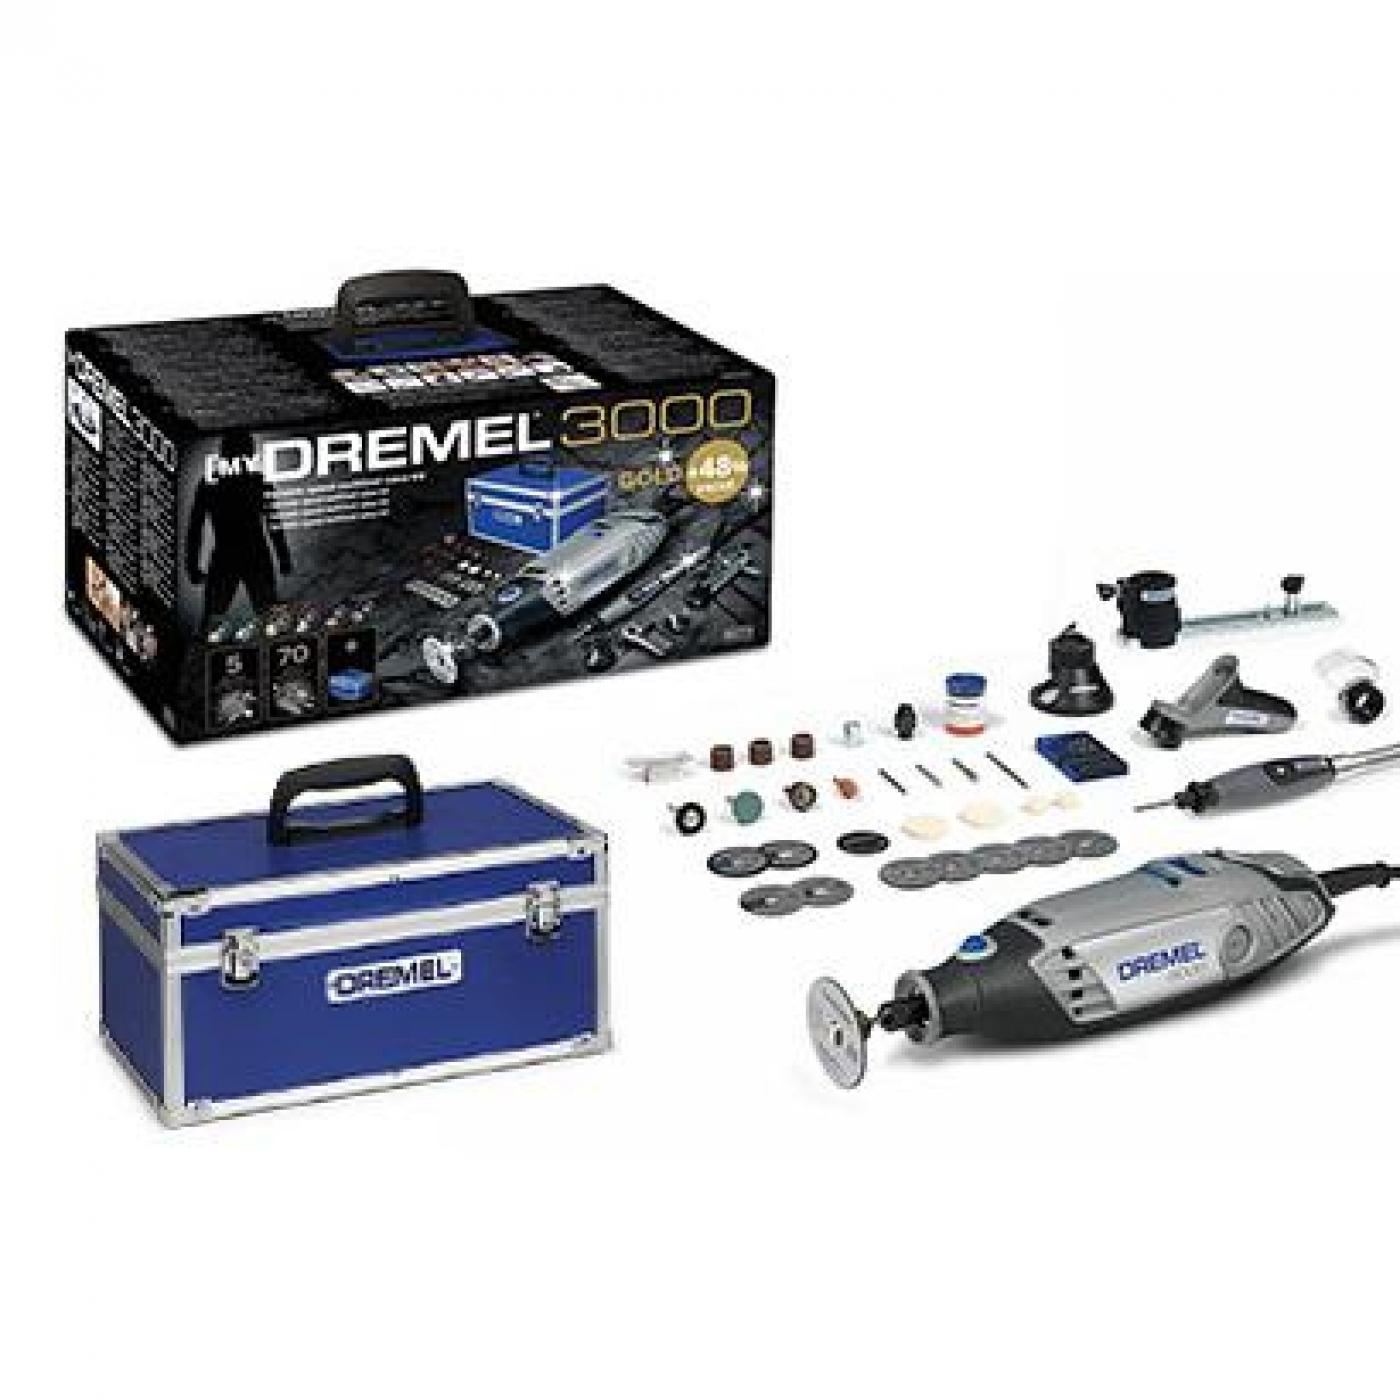 Kit dremel 3000 gold 70 accesorios 5 complementos por for Dremel 3000 accesorios